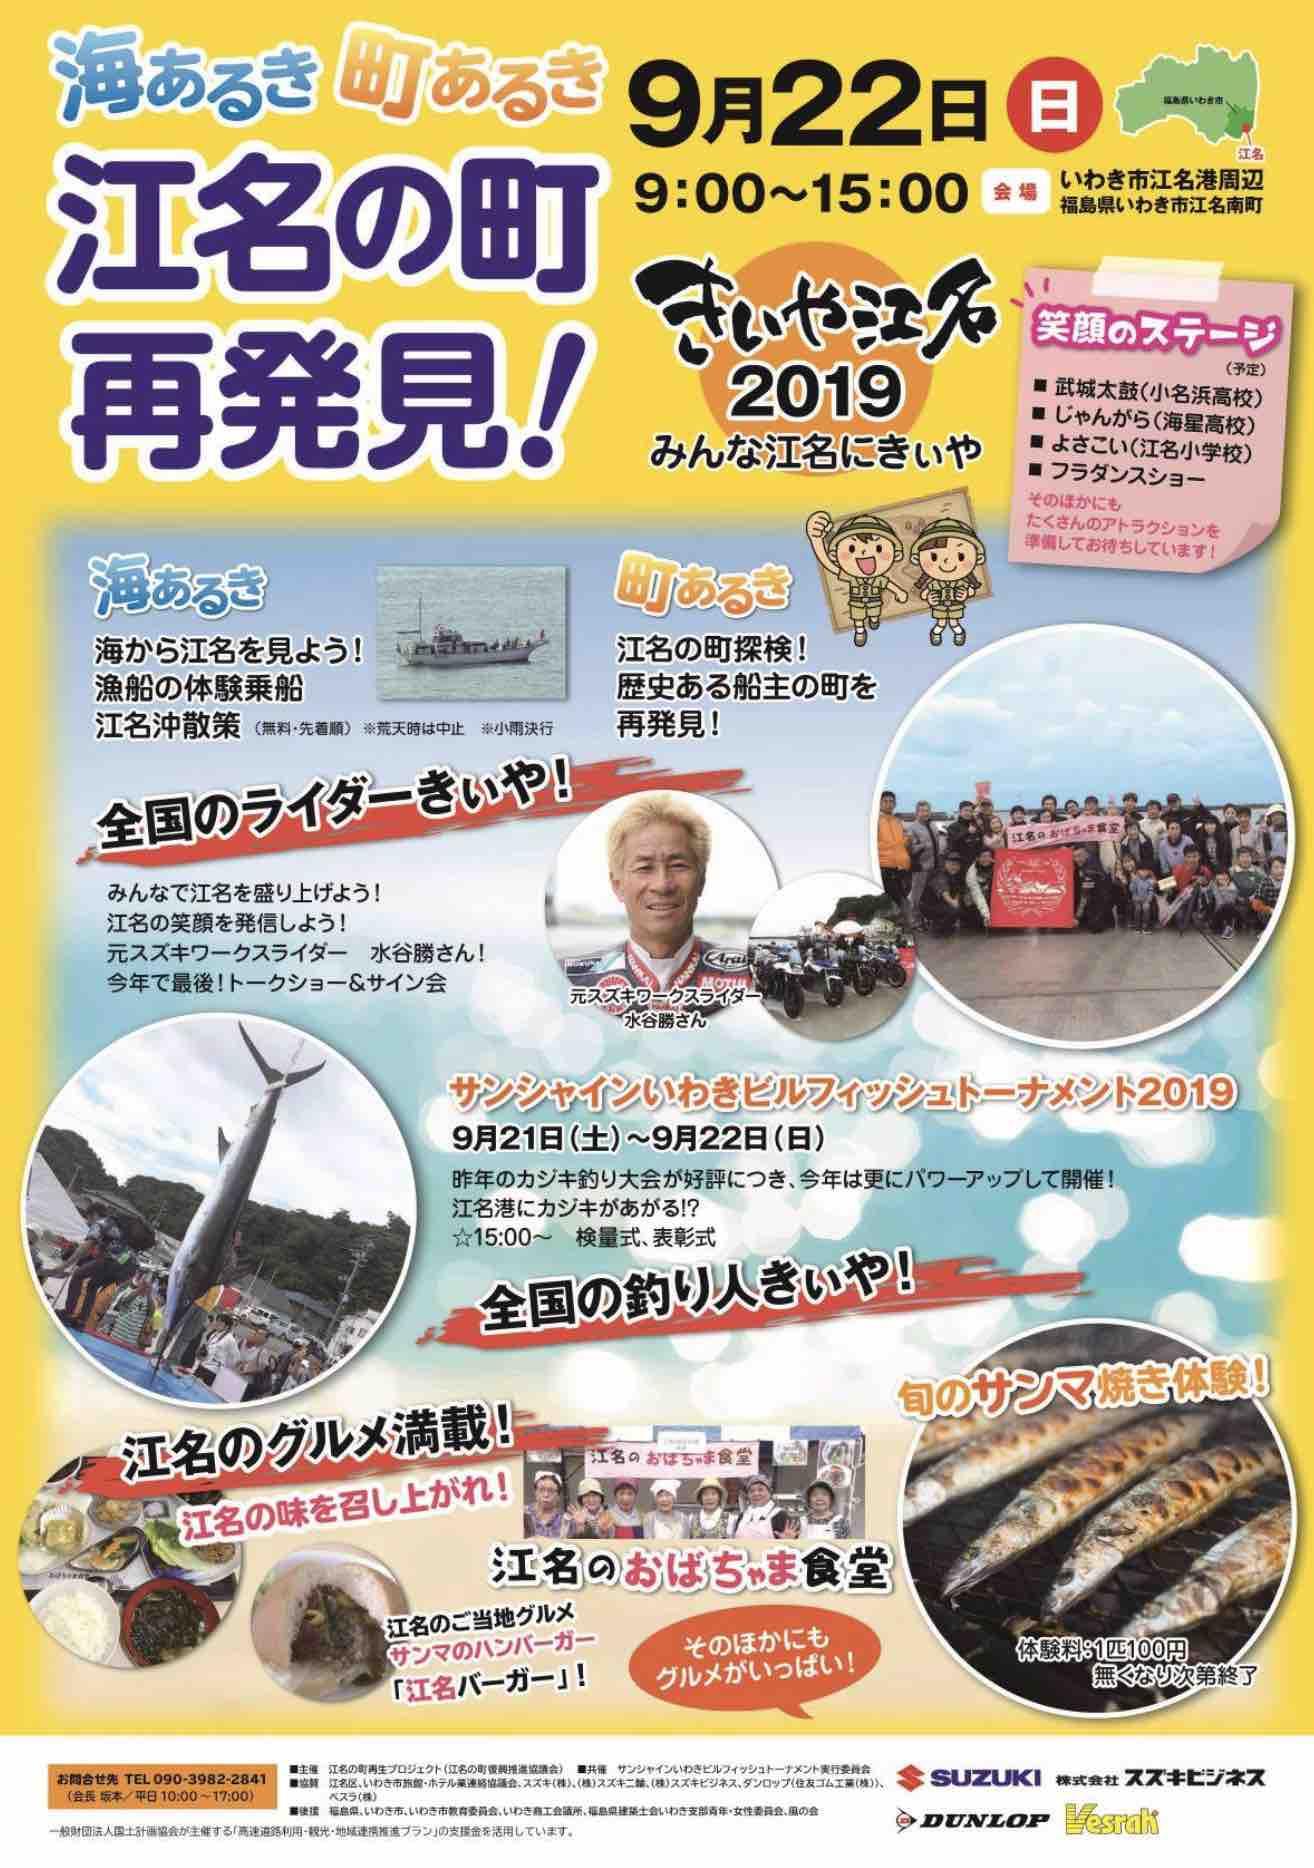 海あるき町あるき 江名の町再発見!きぃや江名2019_e0068696_9464593.jpg